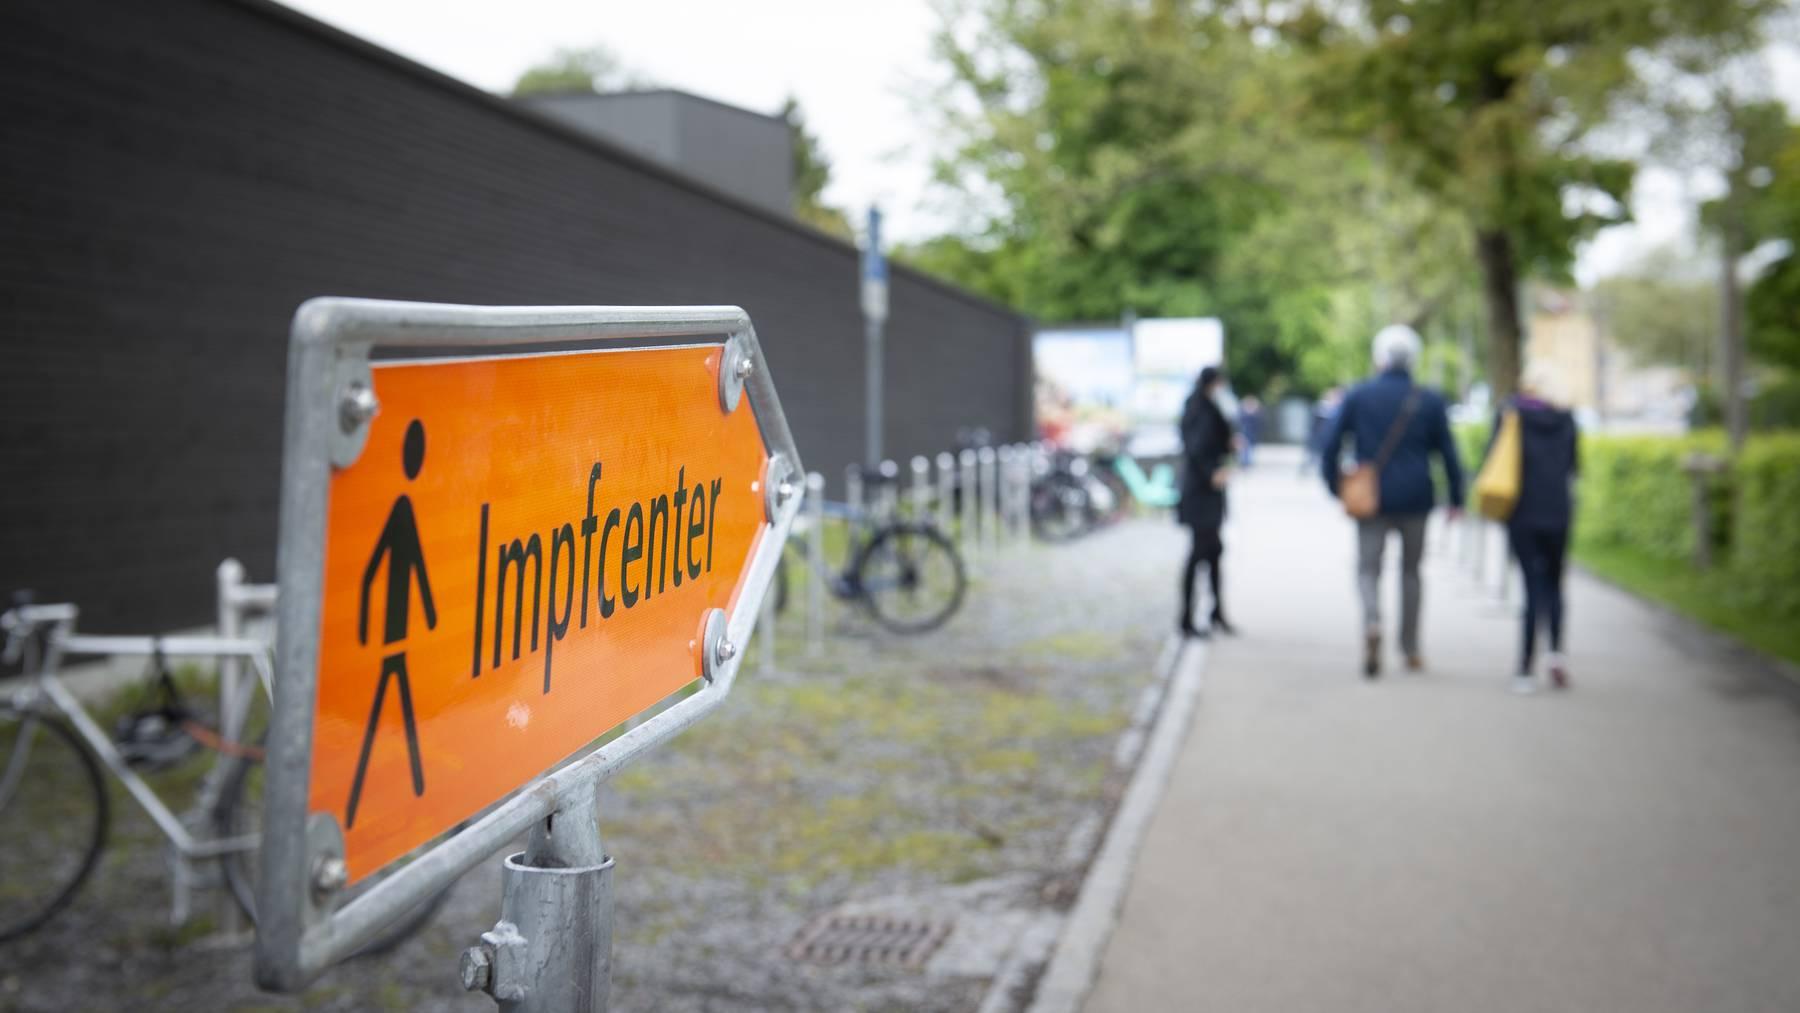 Bis Ende Juni wurden im Impfzentrum im Lerchenfeld rund 77'000 Impfungen verabreicht.